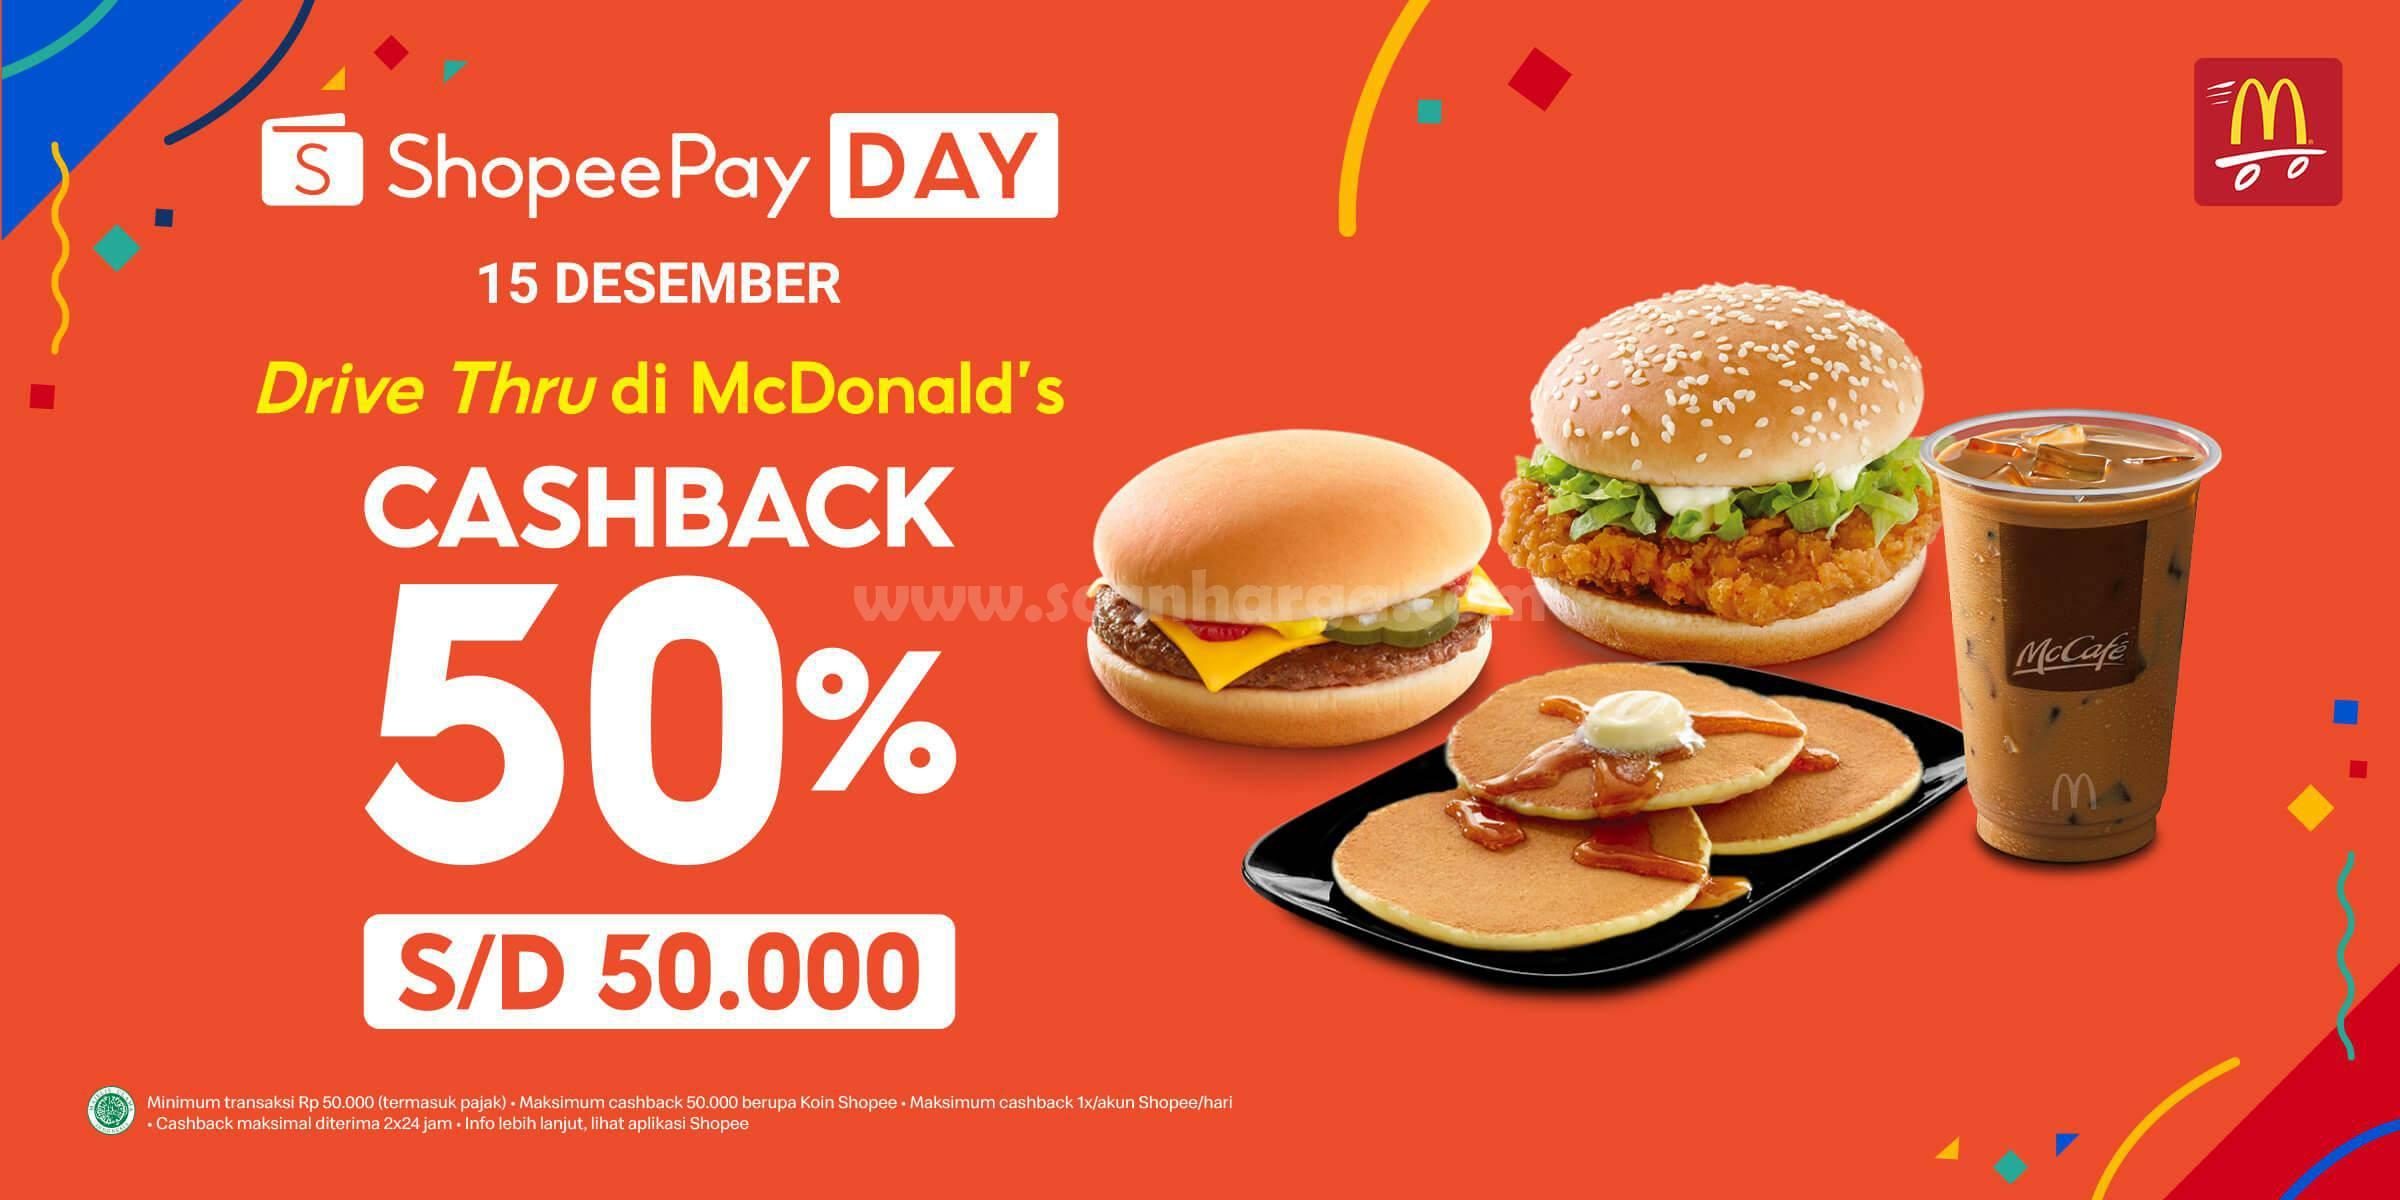 McDonalds Promo cashback 50% Bayar Pakai ShopeePay